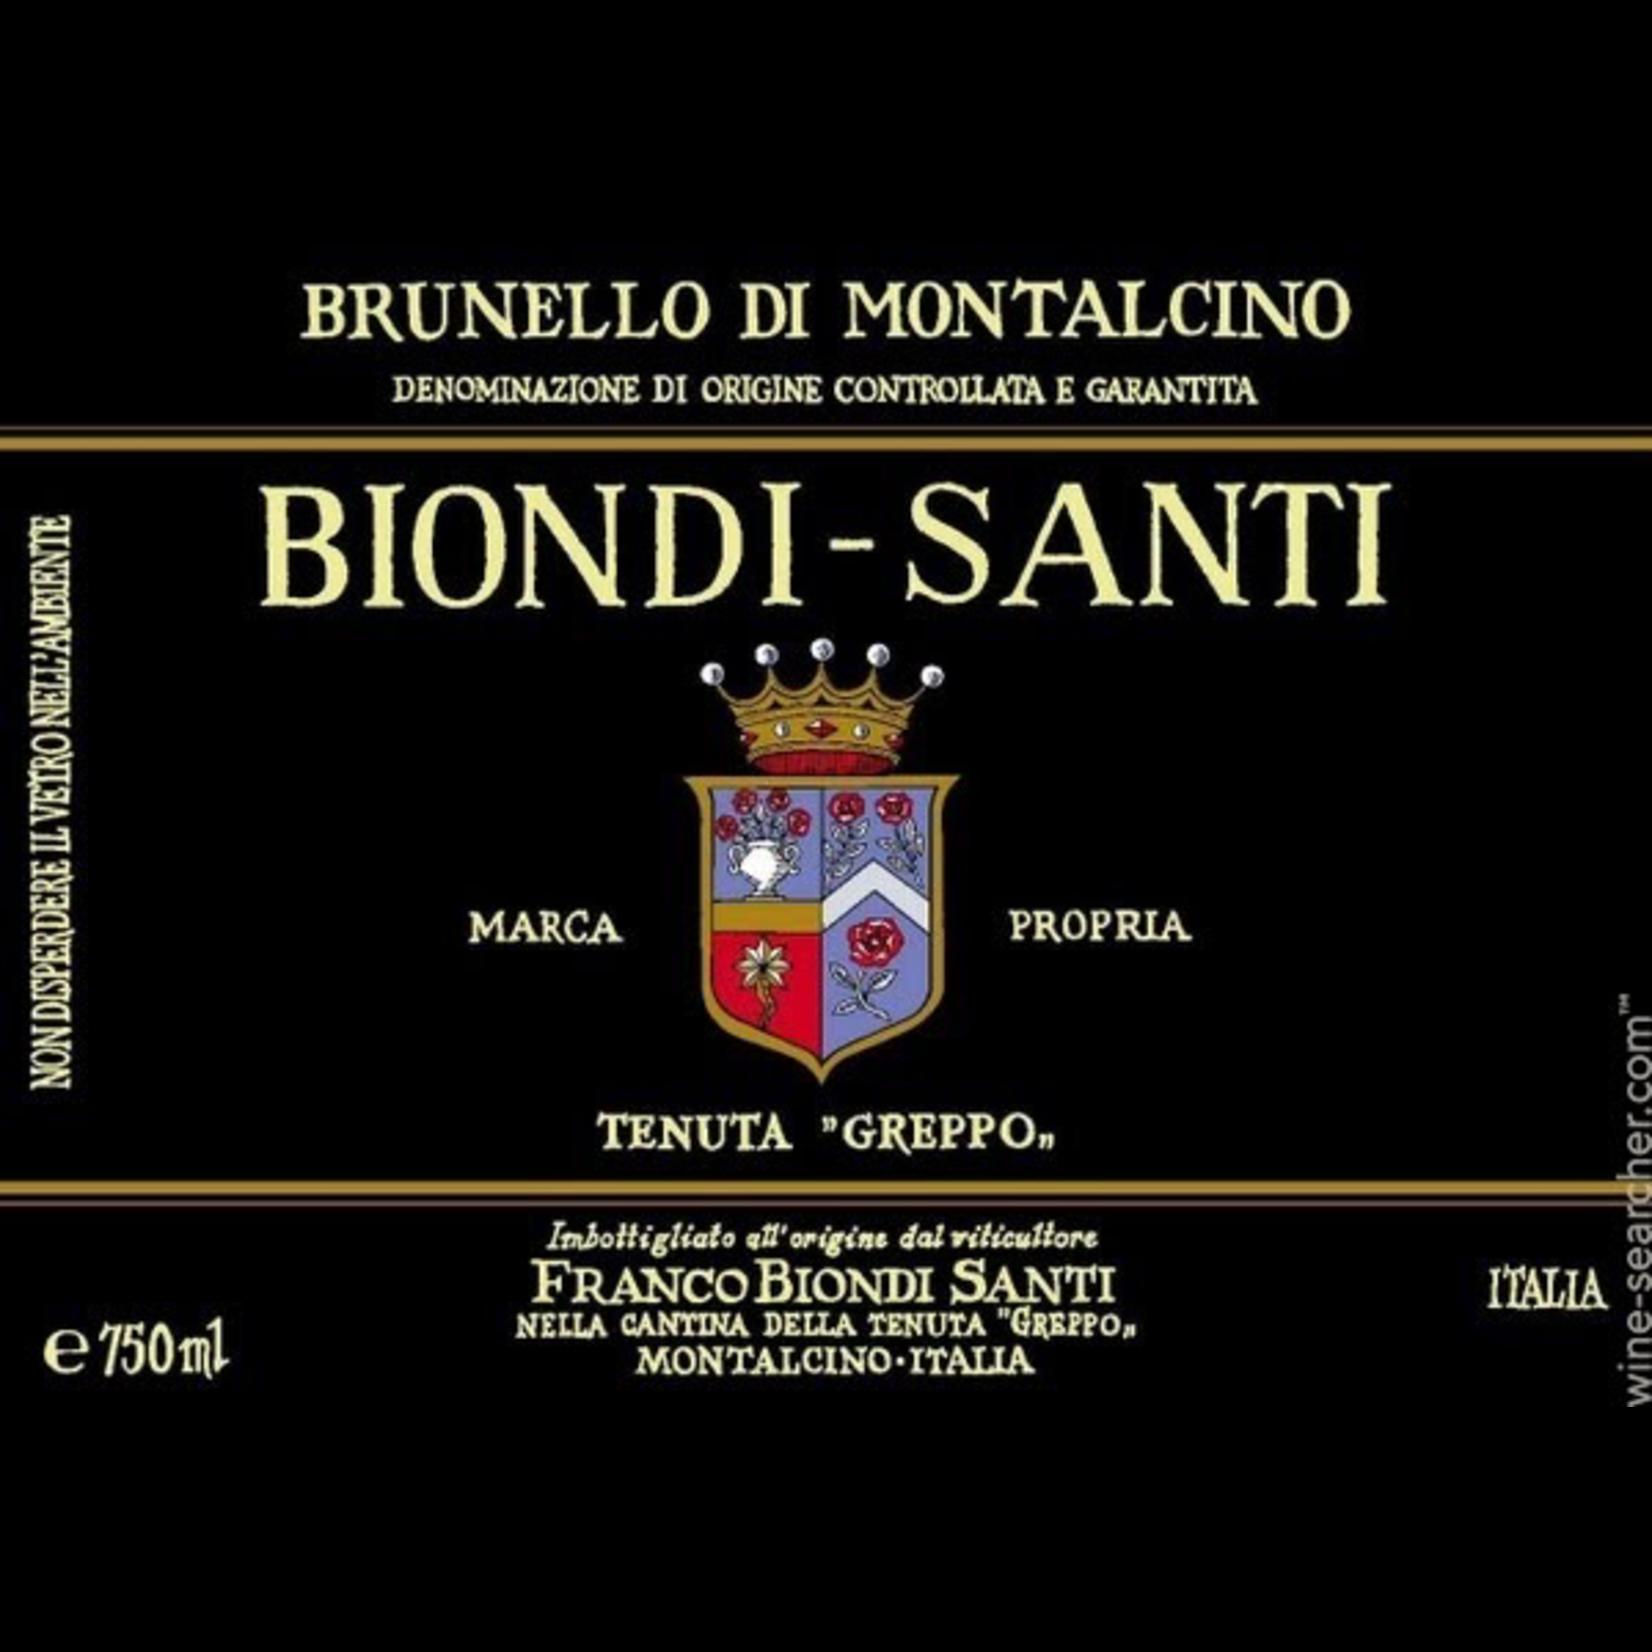 Wine Biondi Santi Brunello di Montalcino Riserva 1975